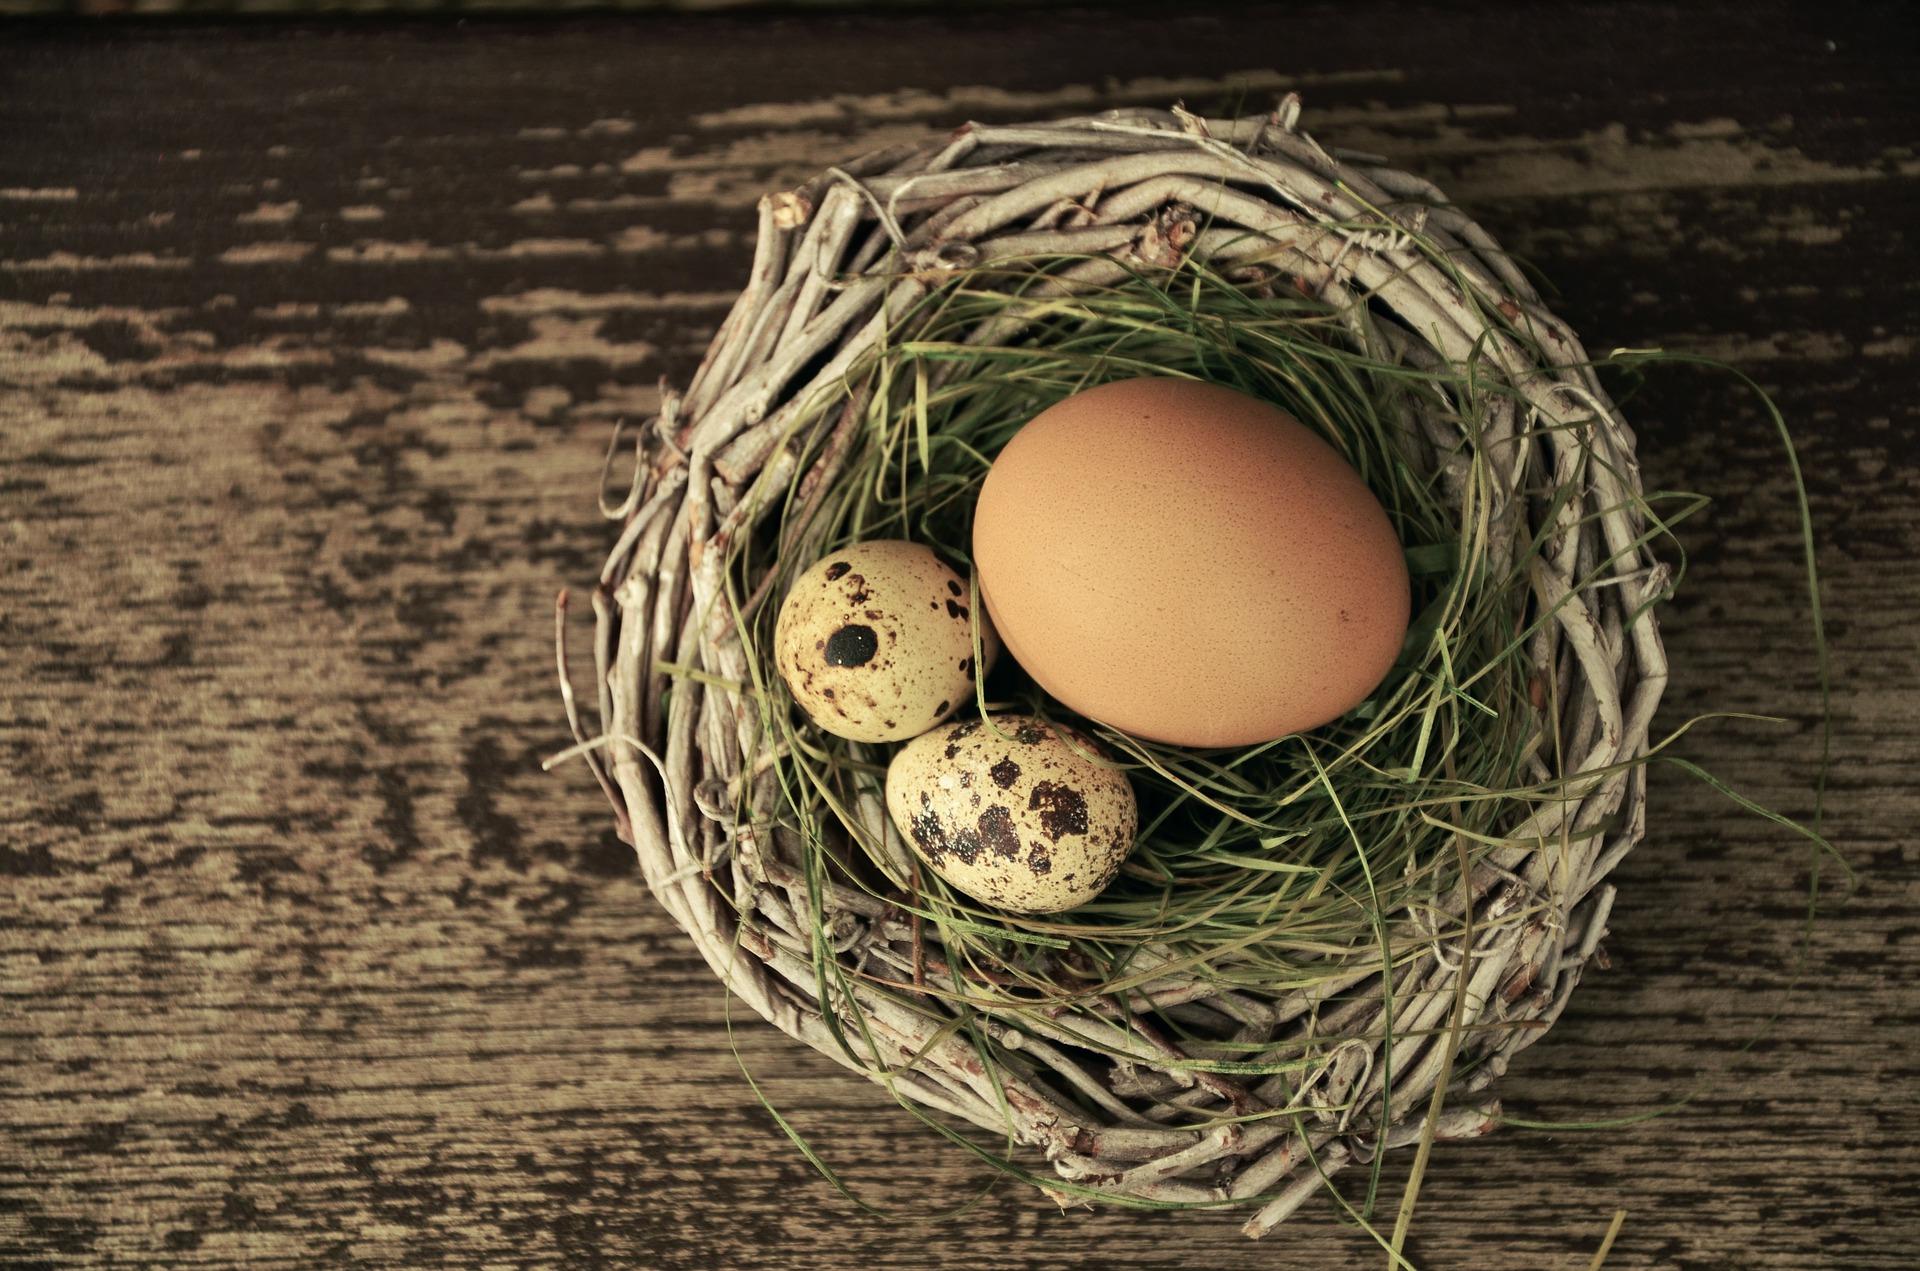 egg-1272815_1920